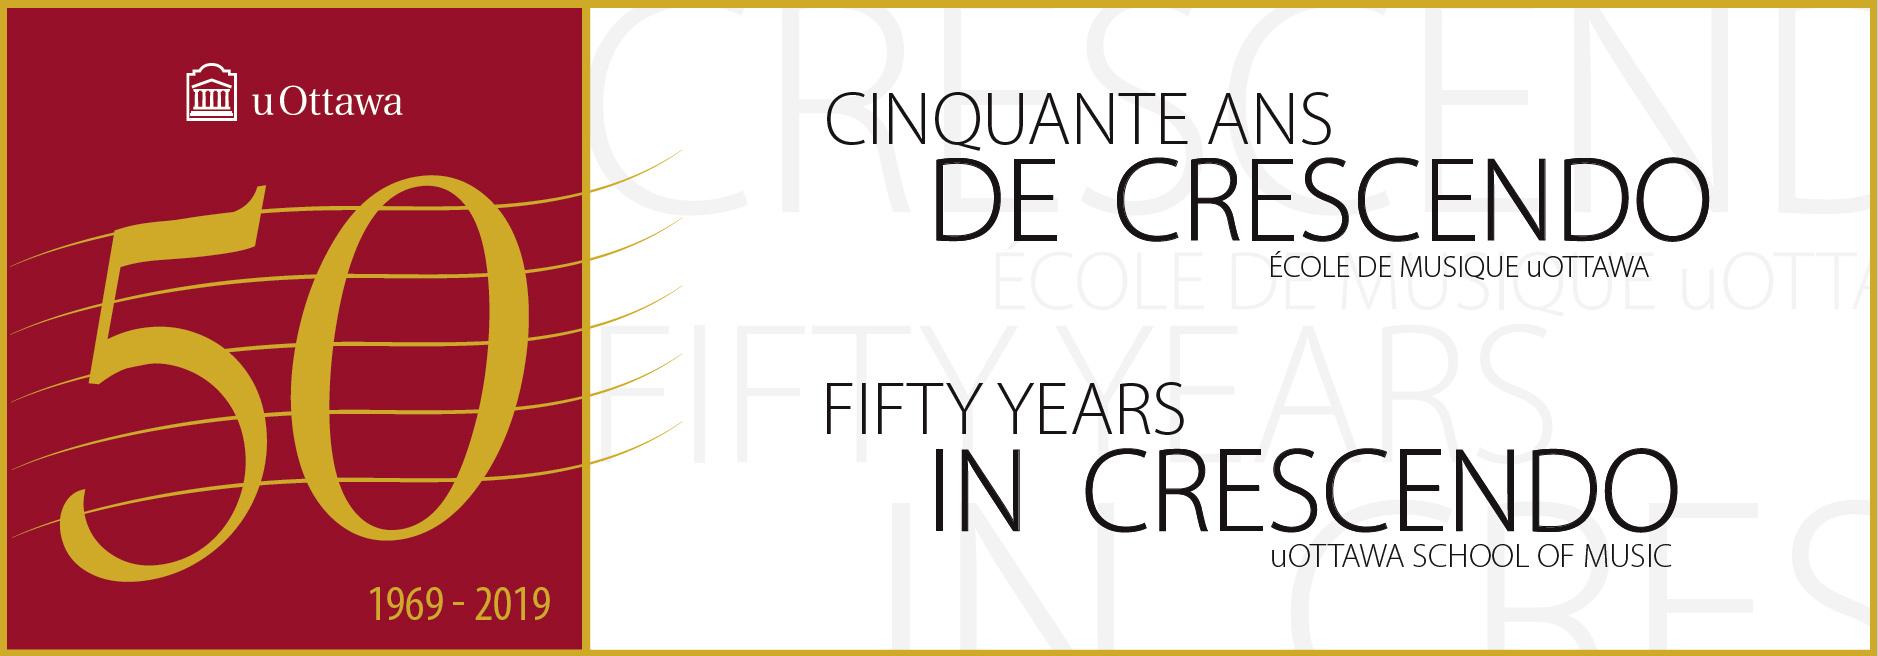 Music 50th anniversary - Crescendo